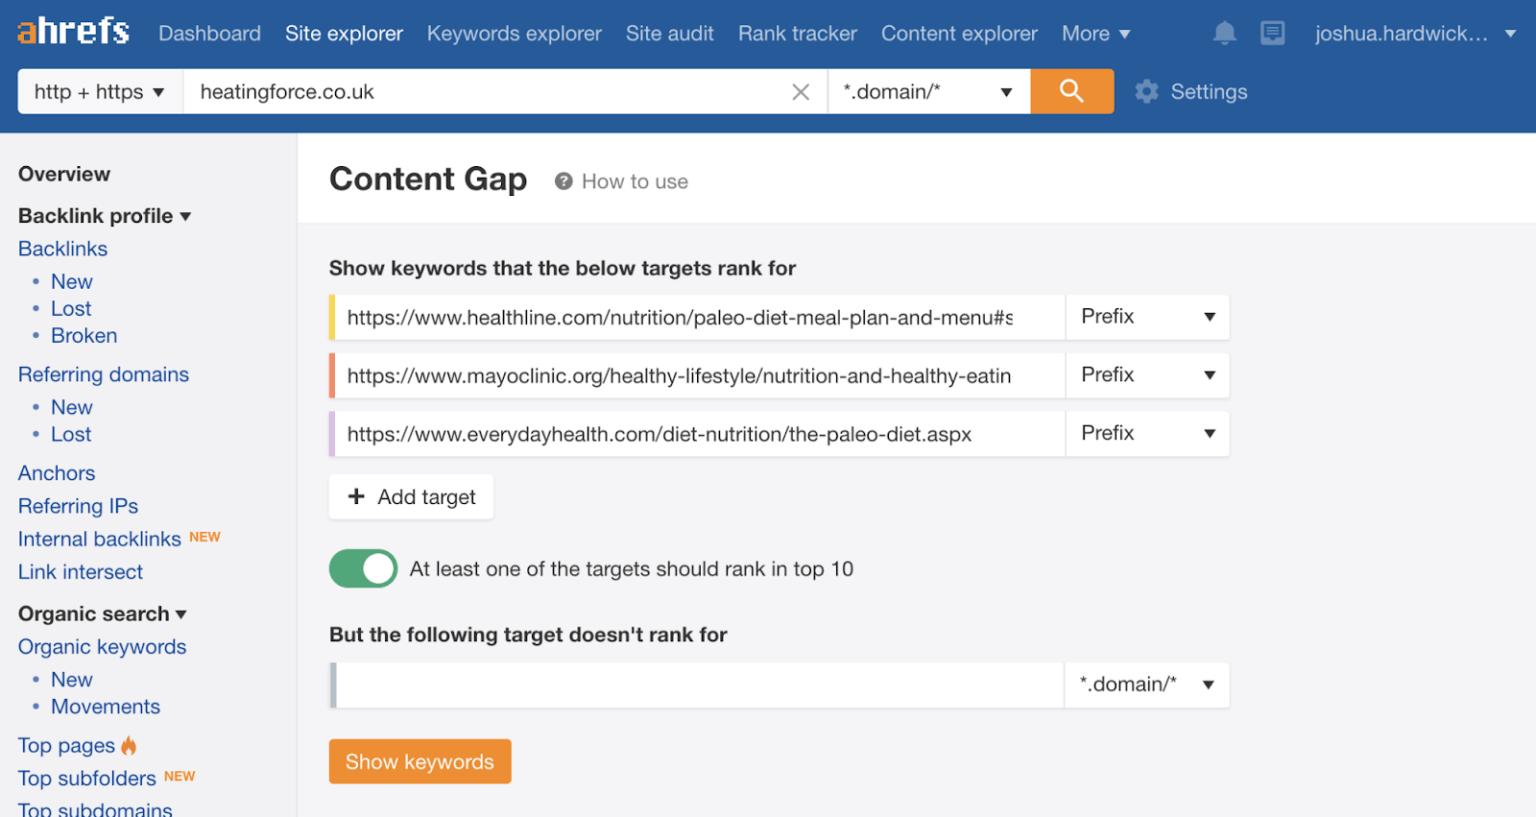 Ahrefs' Content Gap tool